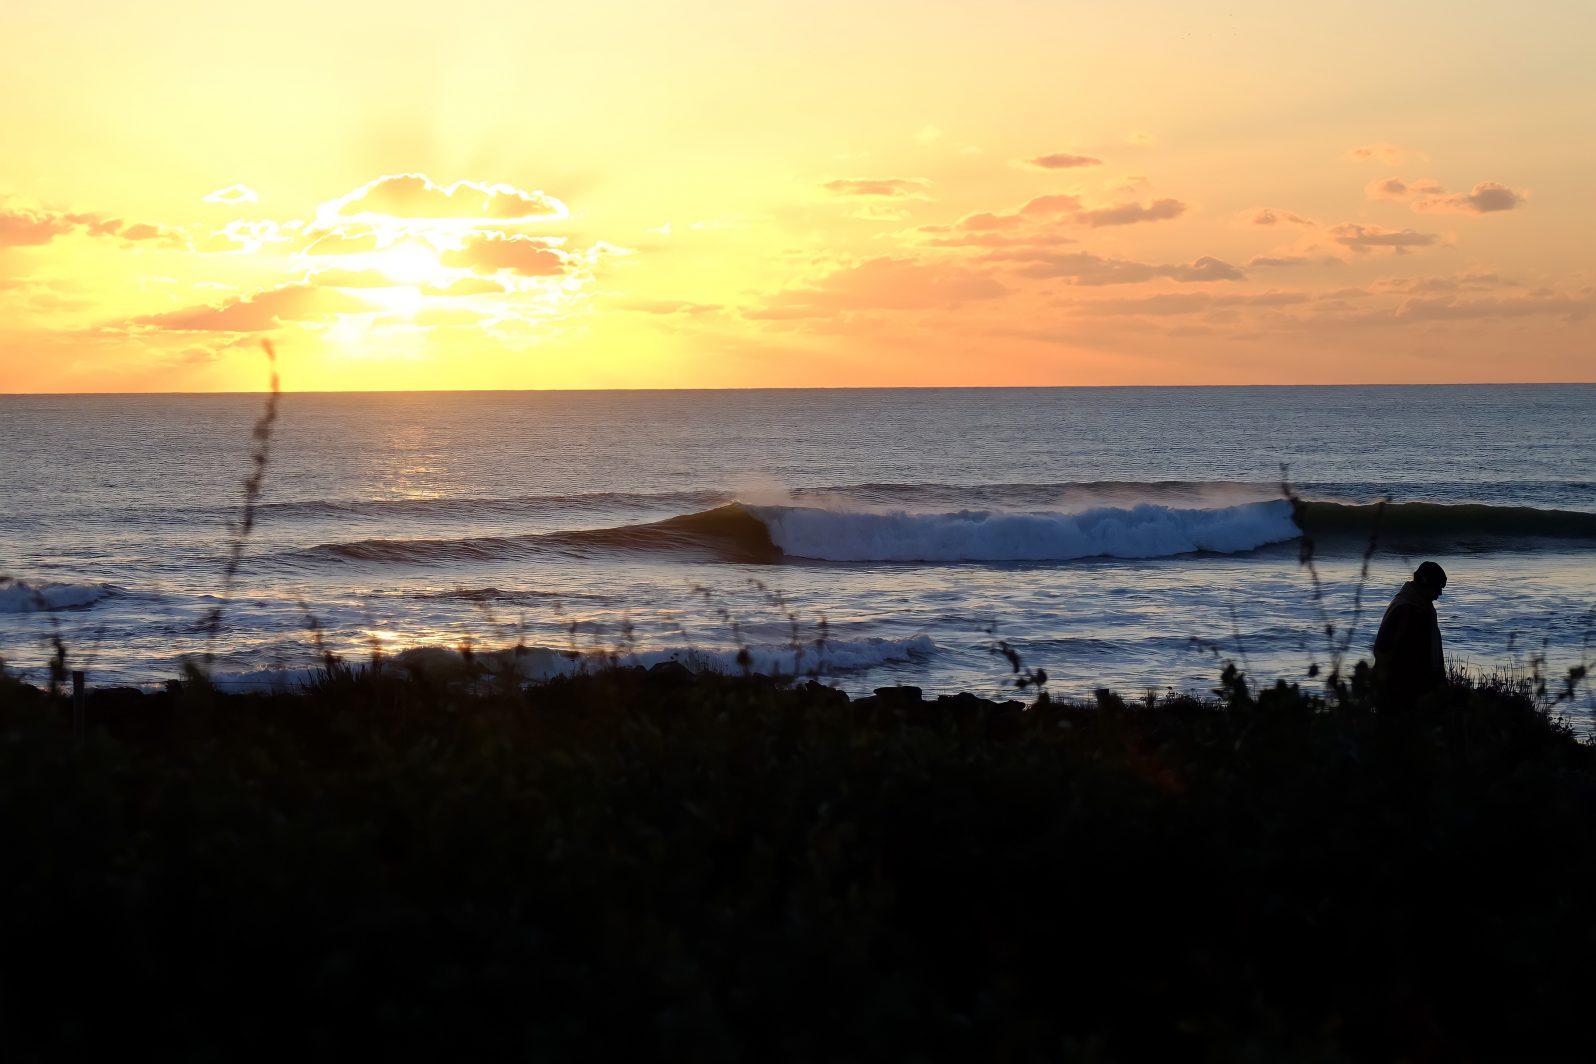 Ce jour là les belles vagues ont déroulé toute la journée sans discontinuer